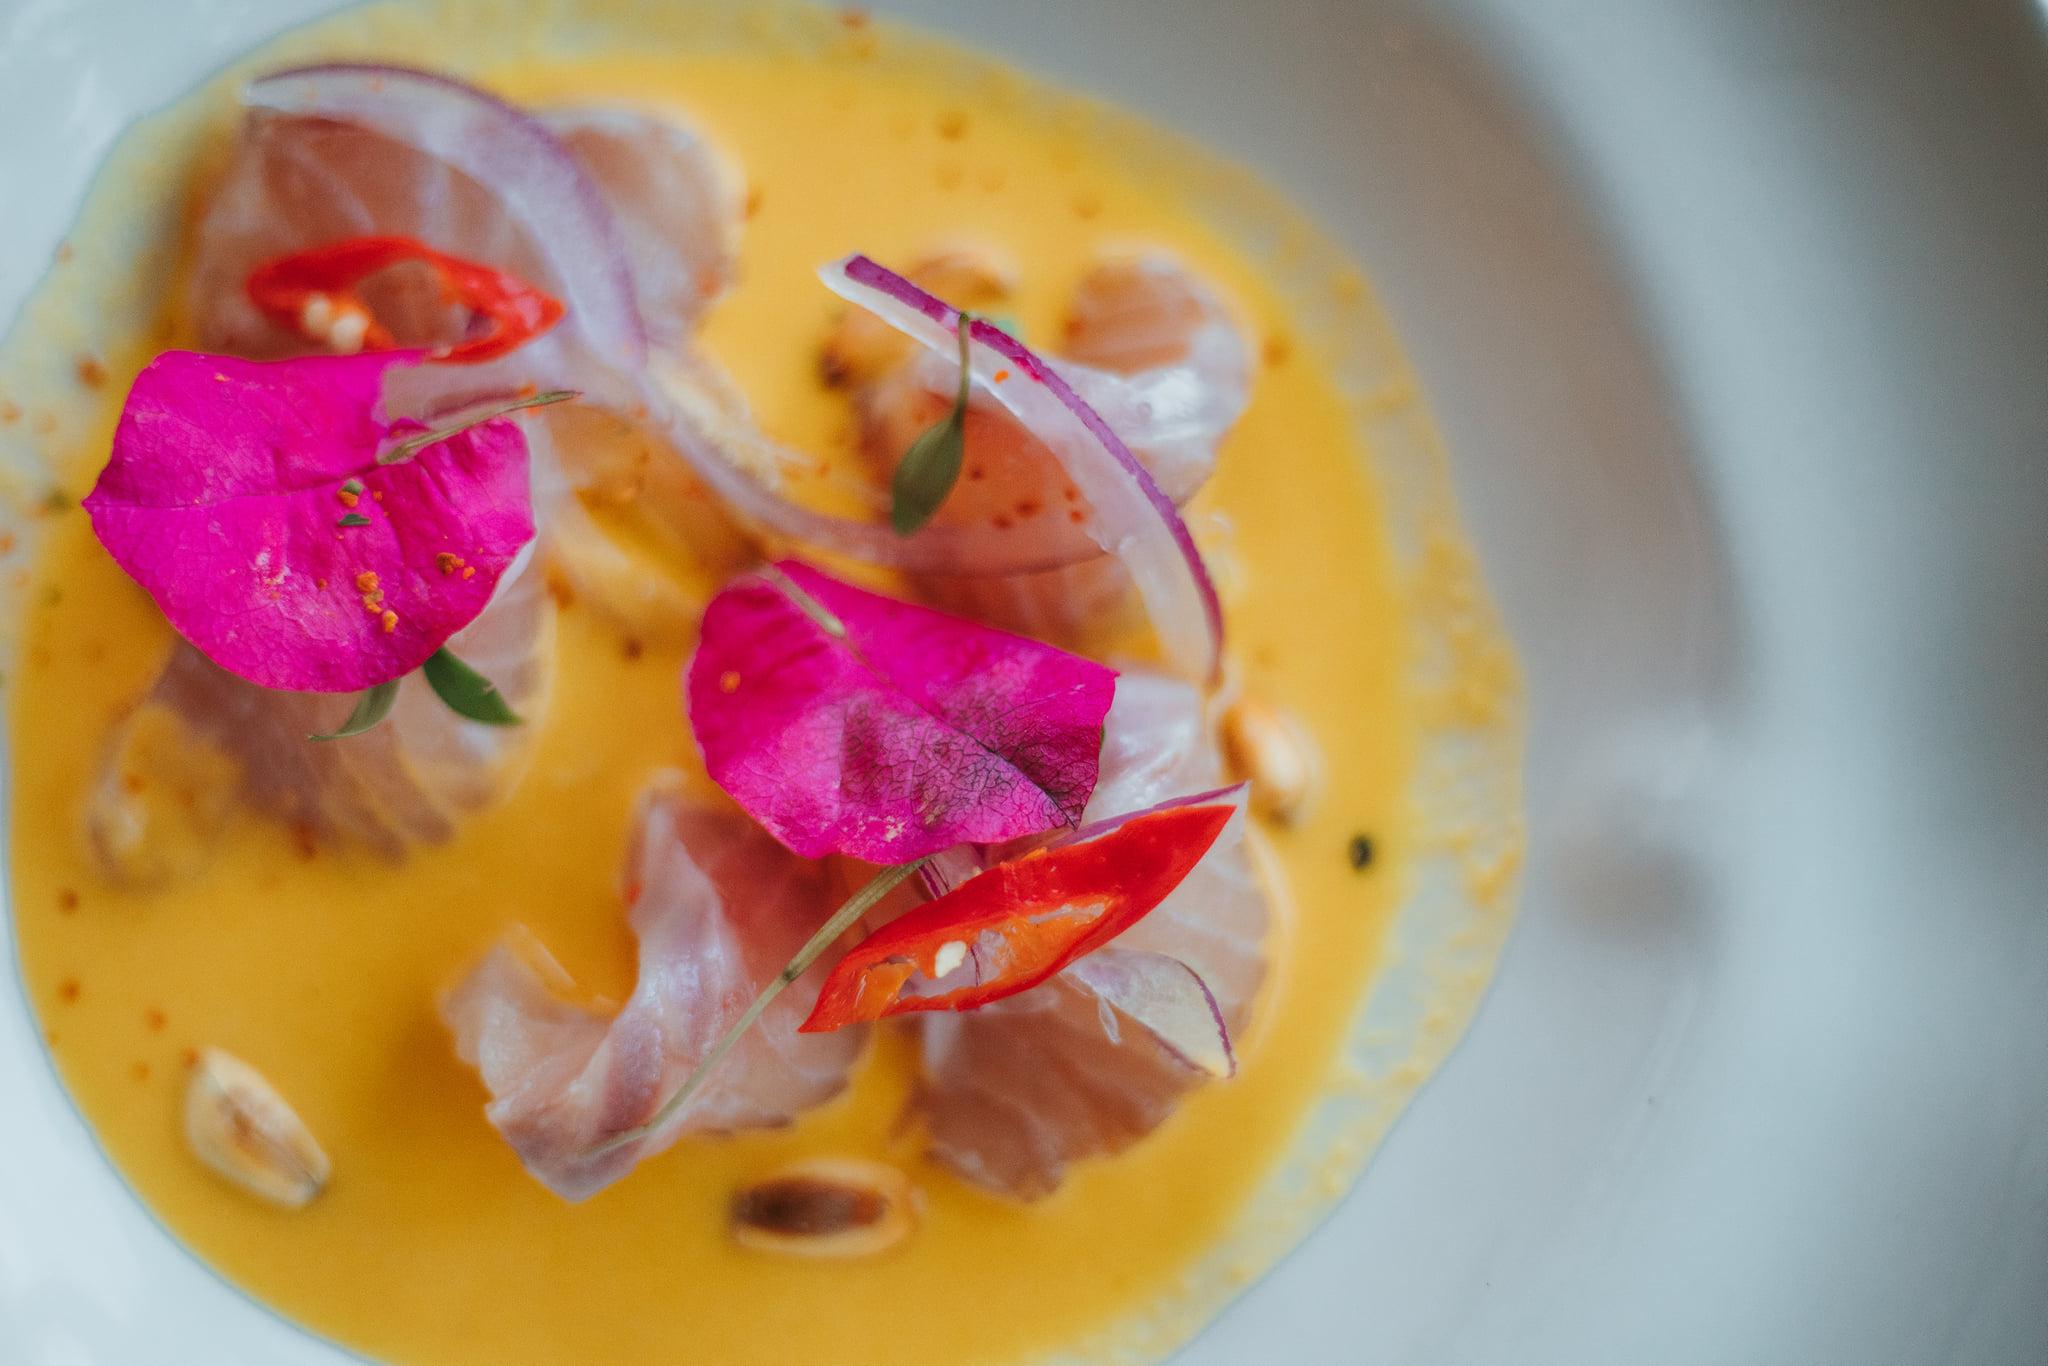 La noche de cocina Nikkei en el restaurante La Violeta, un evento culinario de primer nivel 14